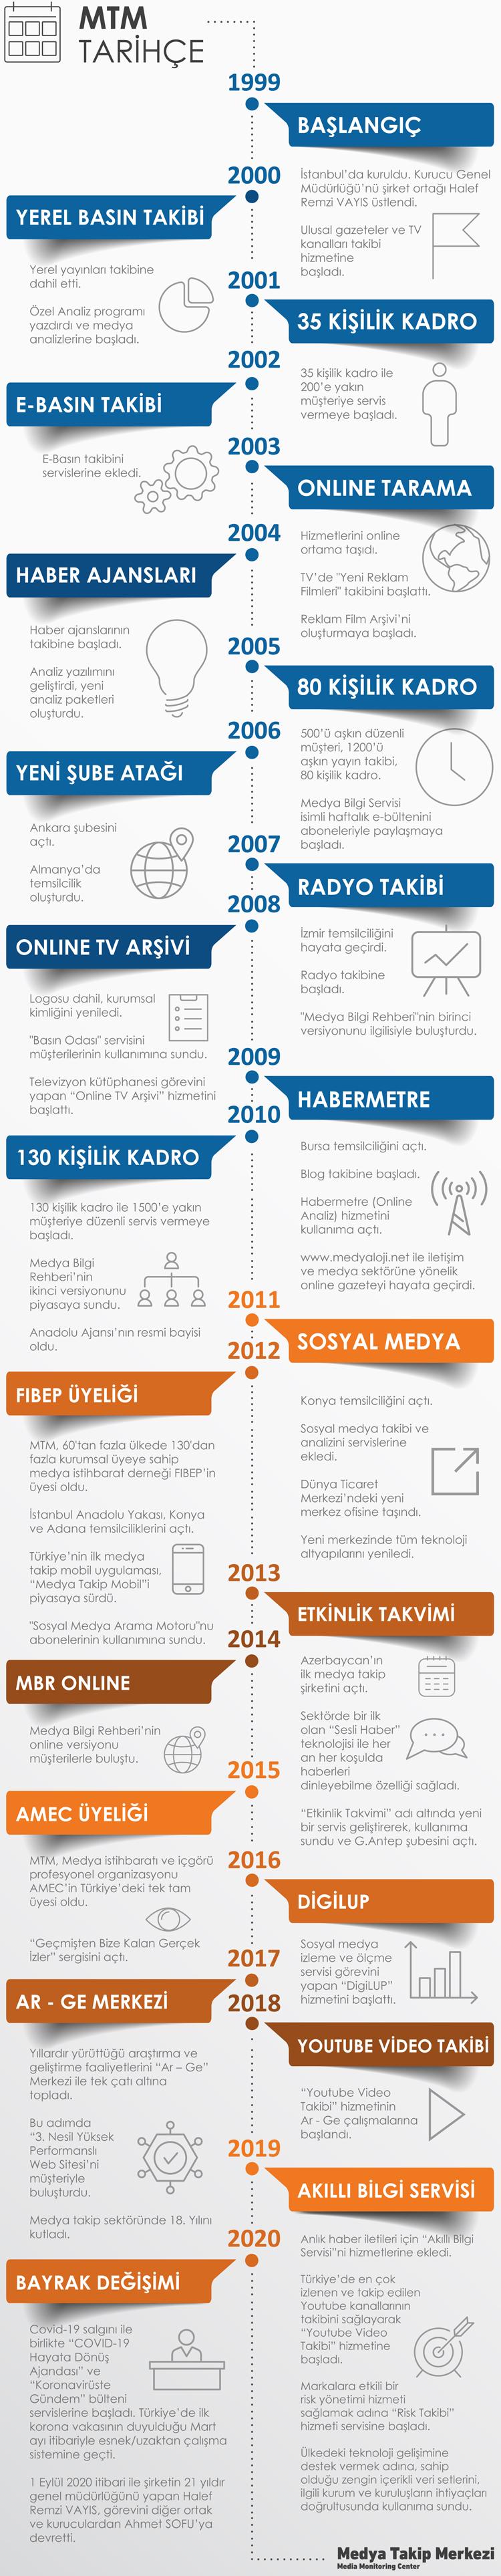 medya takip merkezi gelişim değişim süreci